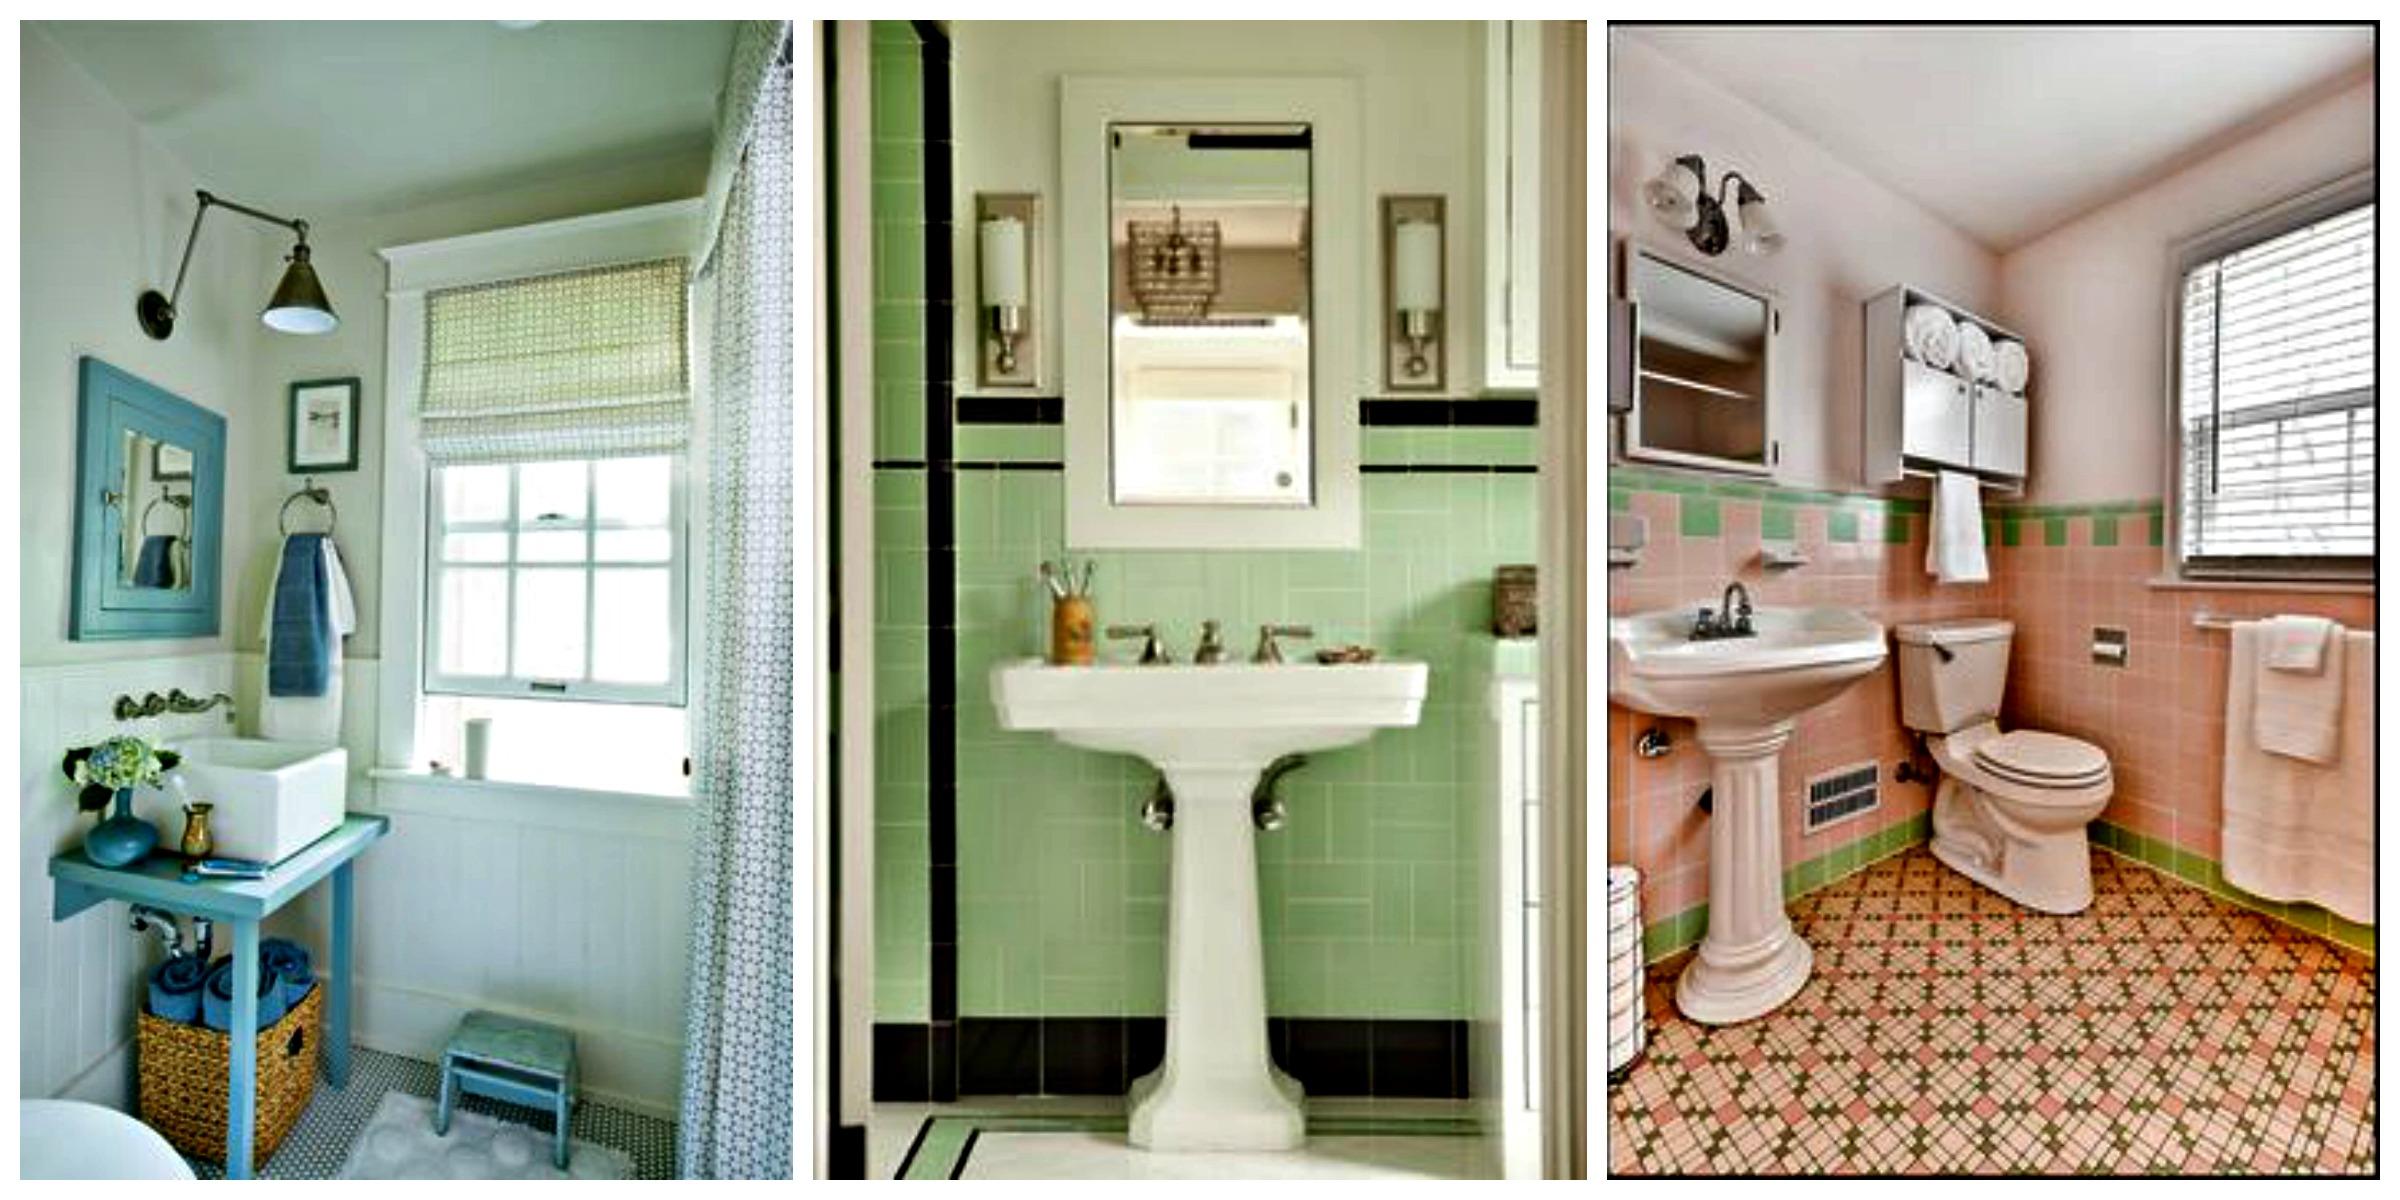 decoracao banheiro antigo:banheirovintage1 #714420 2400x1200 Banheiro Antigo Decoração